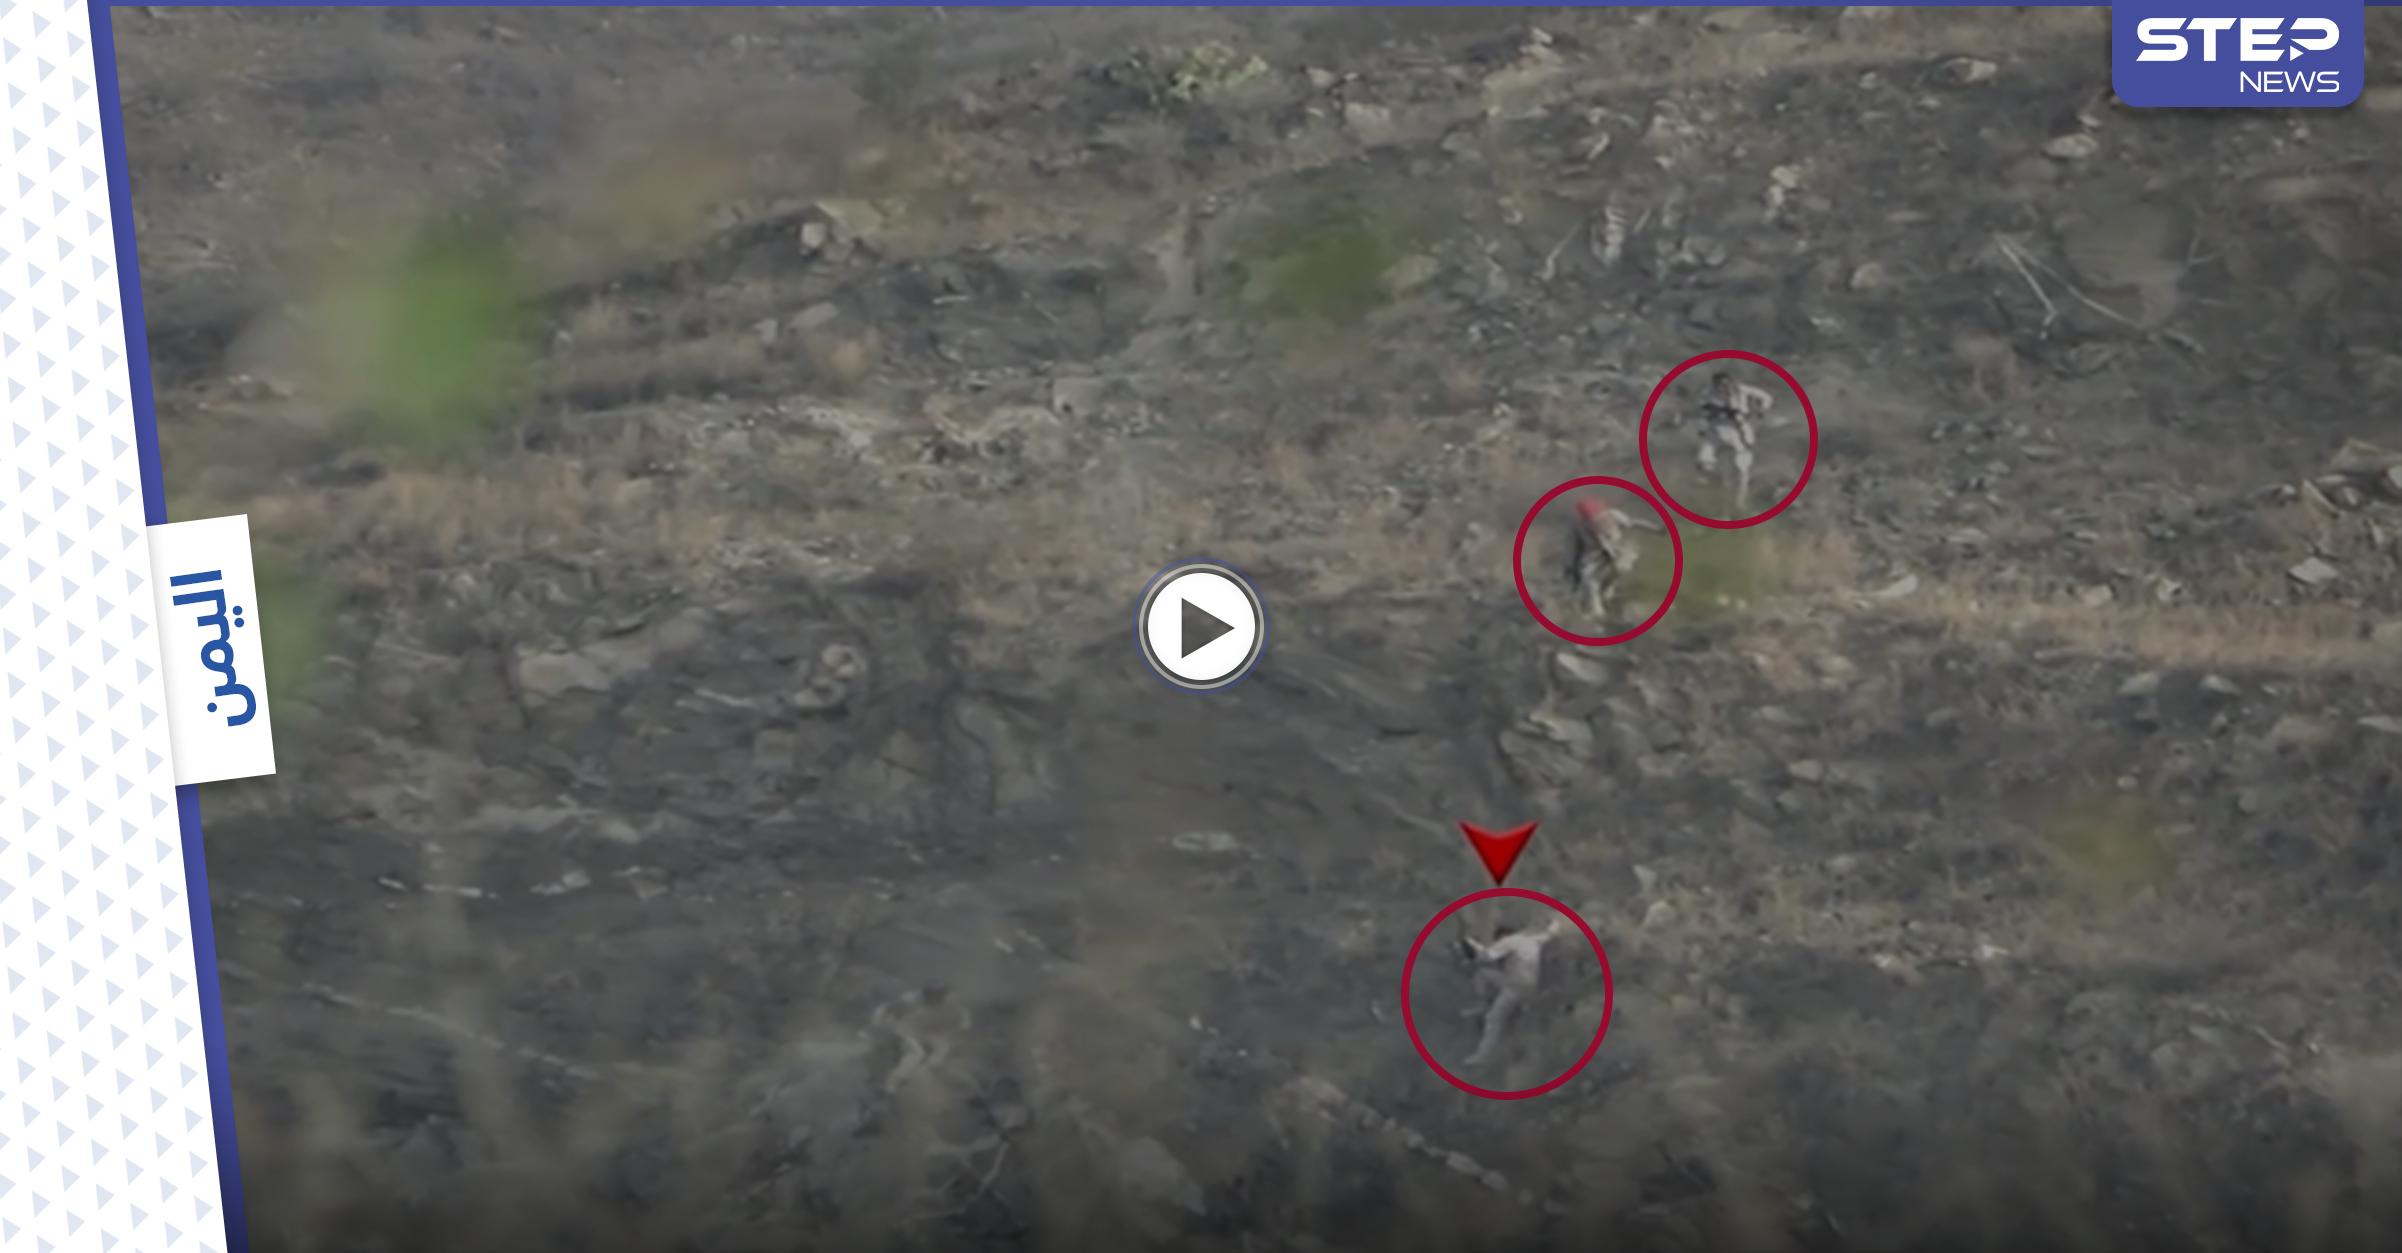 بالفيديو || ميليشيا الحوثي تُظهر جانب من المعارك في محور جيزان وتعلن عن نتائج عملياتها